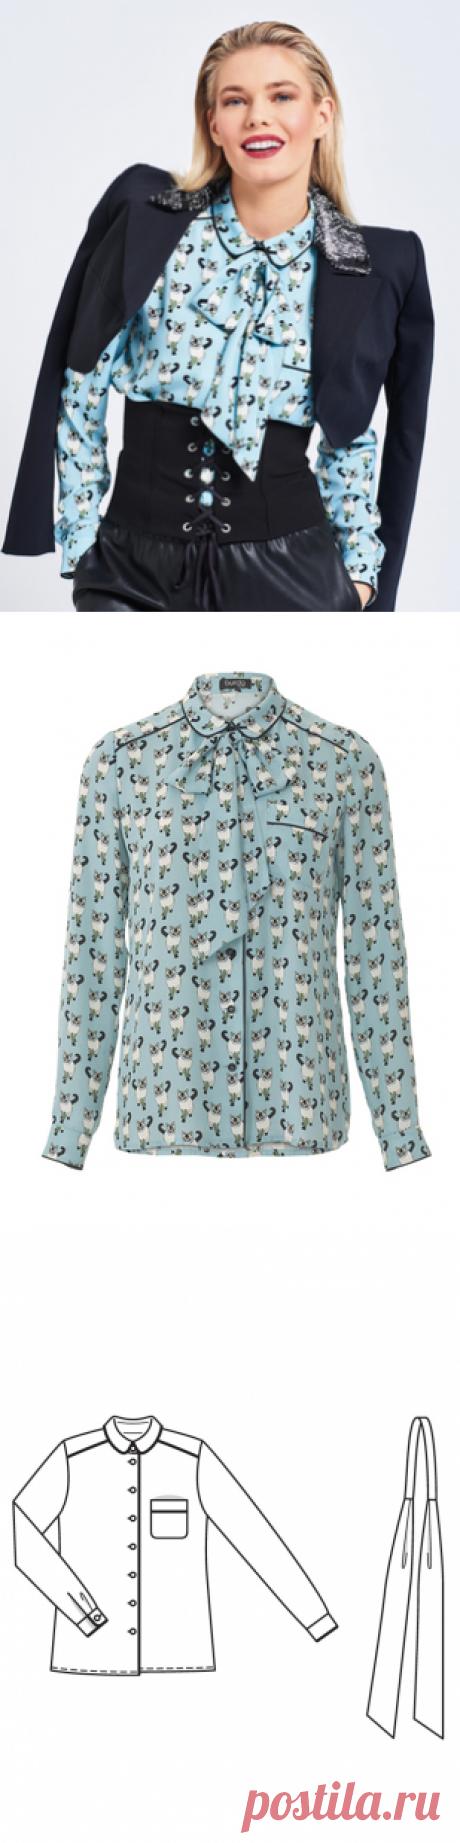 4760ebec8f7 Блузка-рубашка - выкройка № 103 A из журнала 6 2017 Burda – выкройки